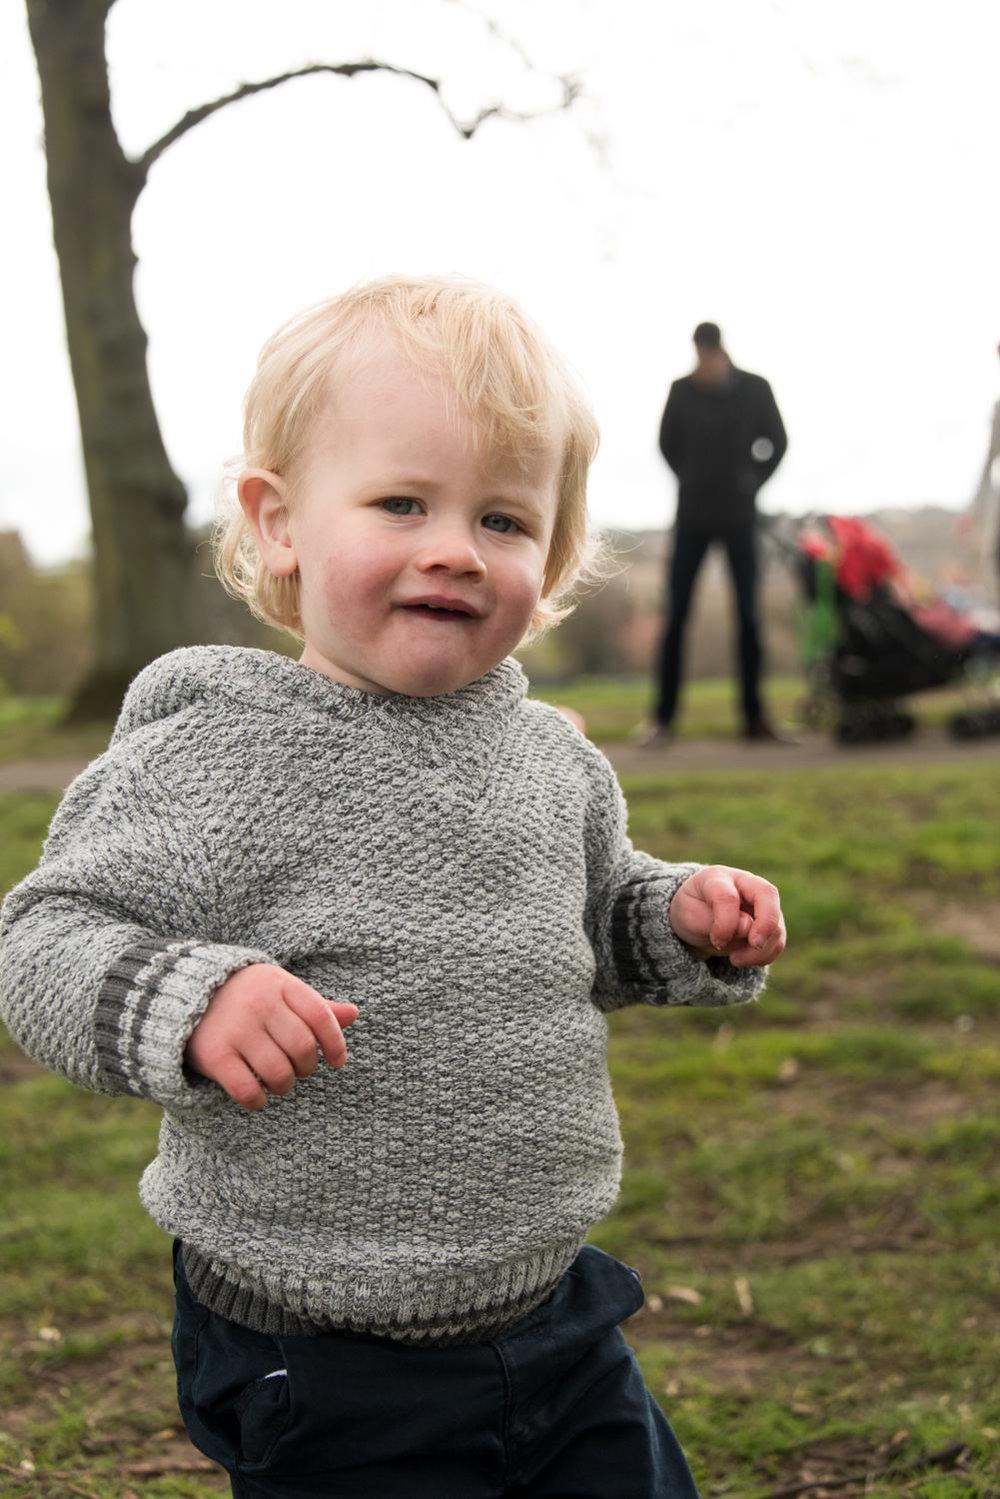 Edinburgh Family Photo Shoot - Inverleith Park 12